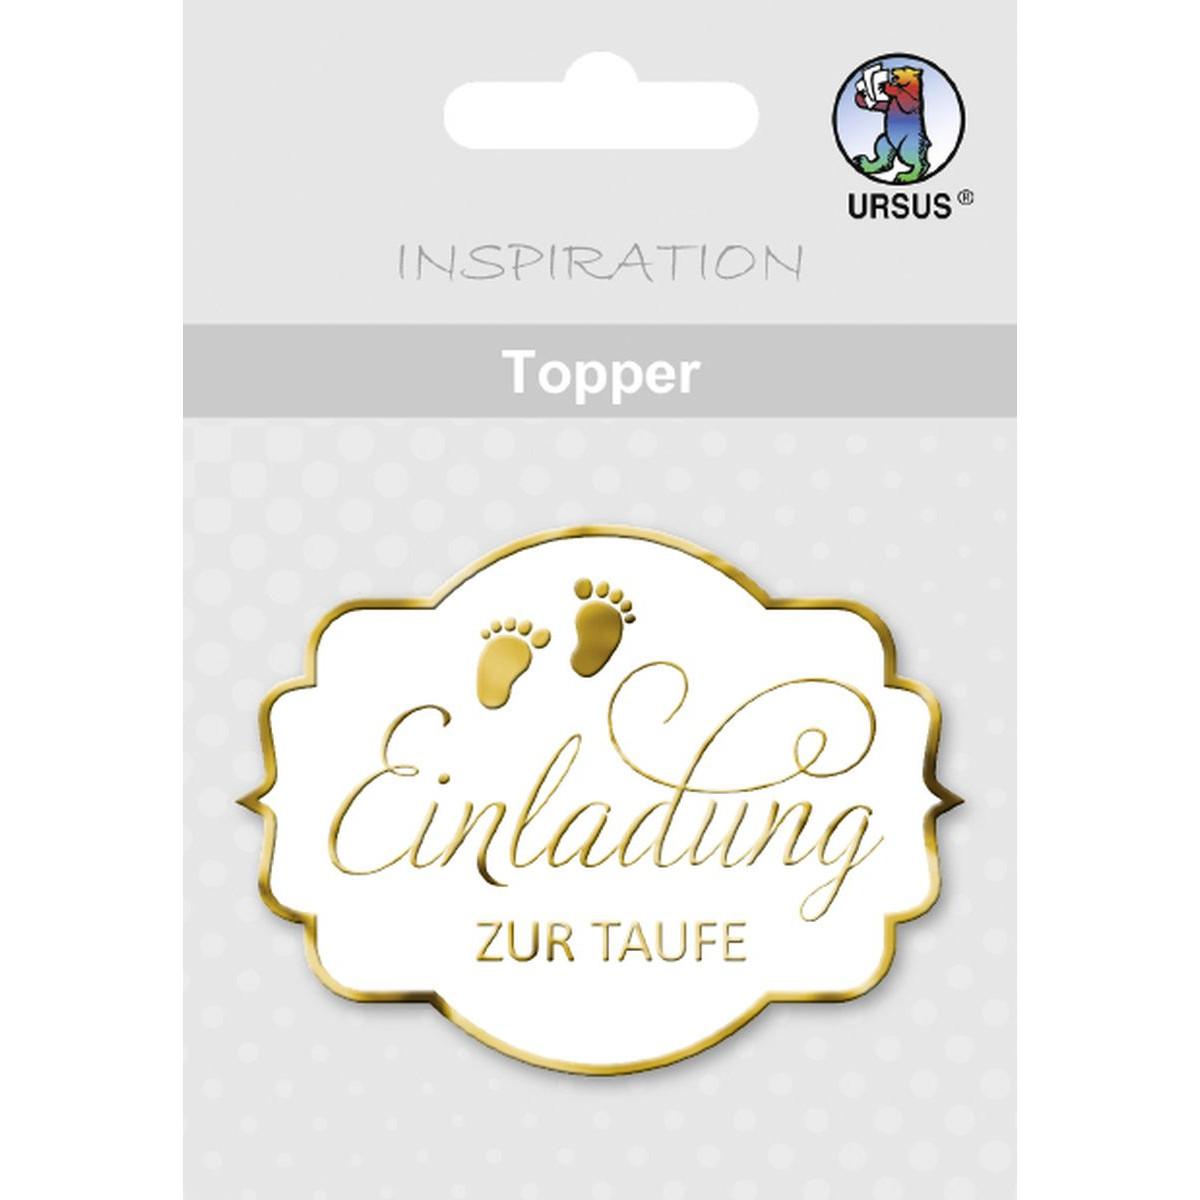 Topper Einladung Zur Taufe Weißgold Motiv 07